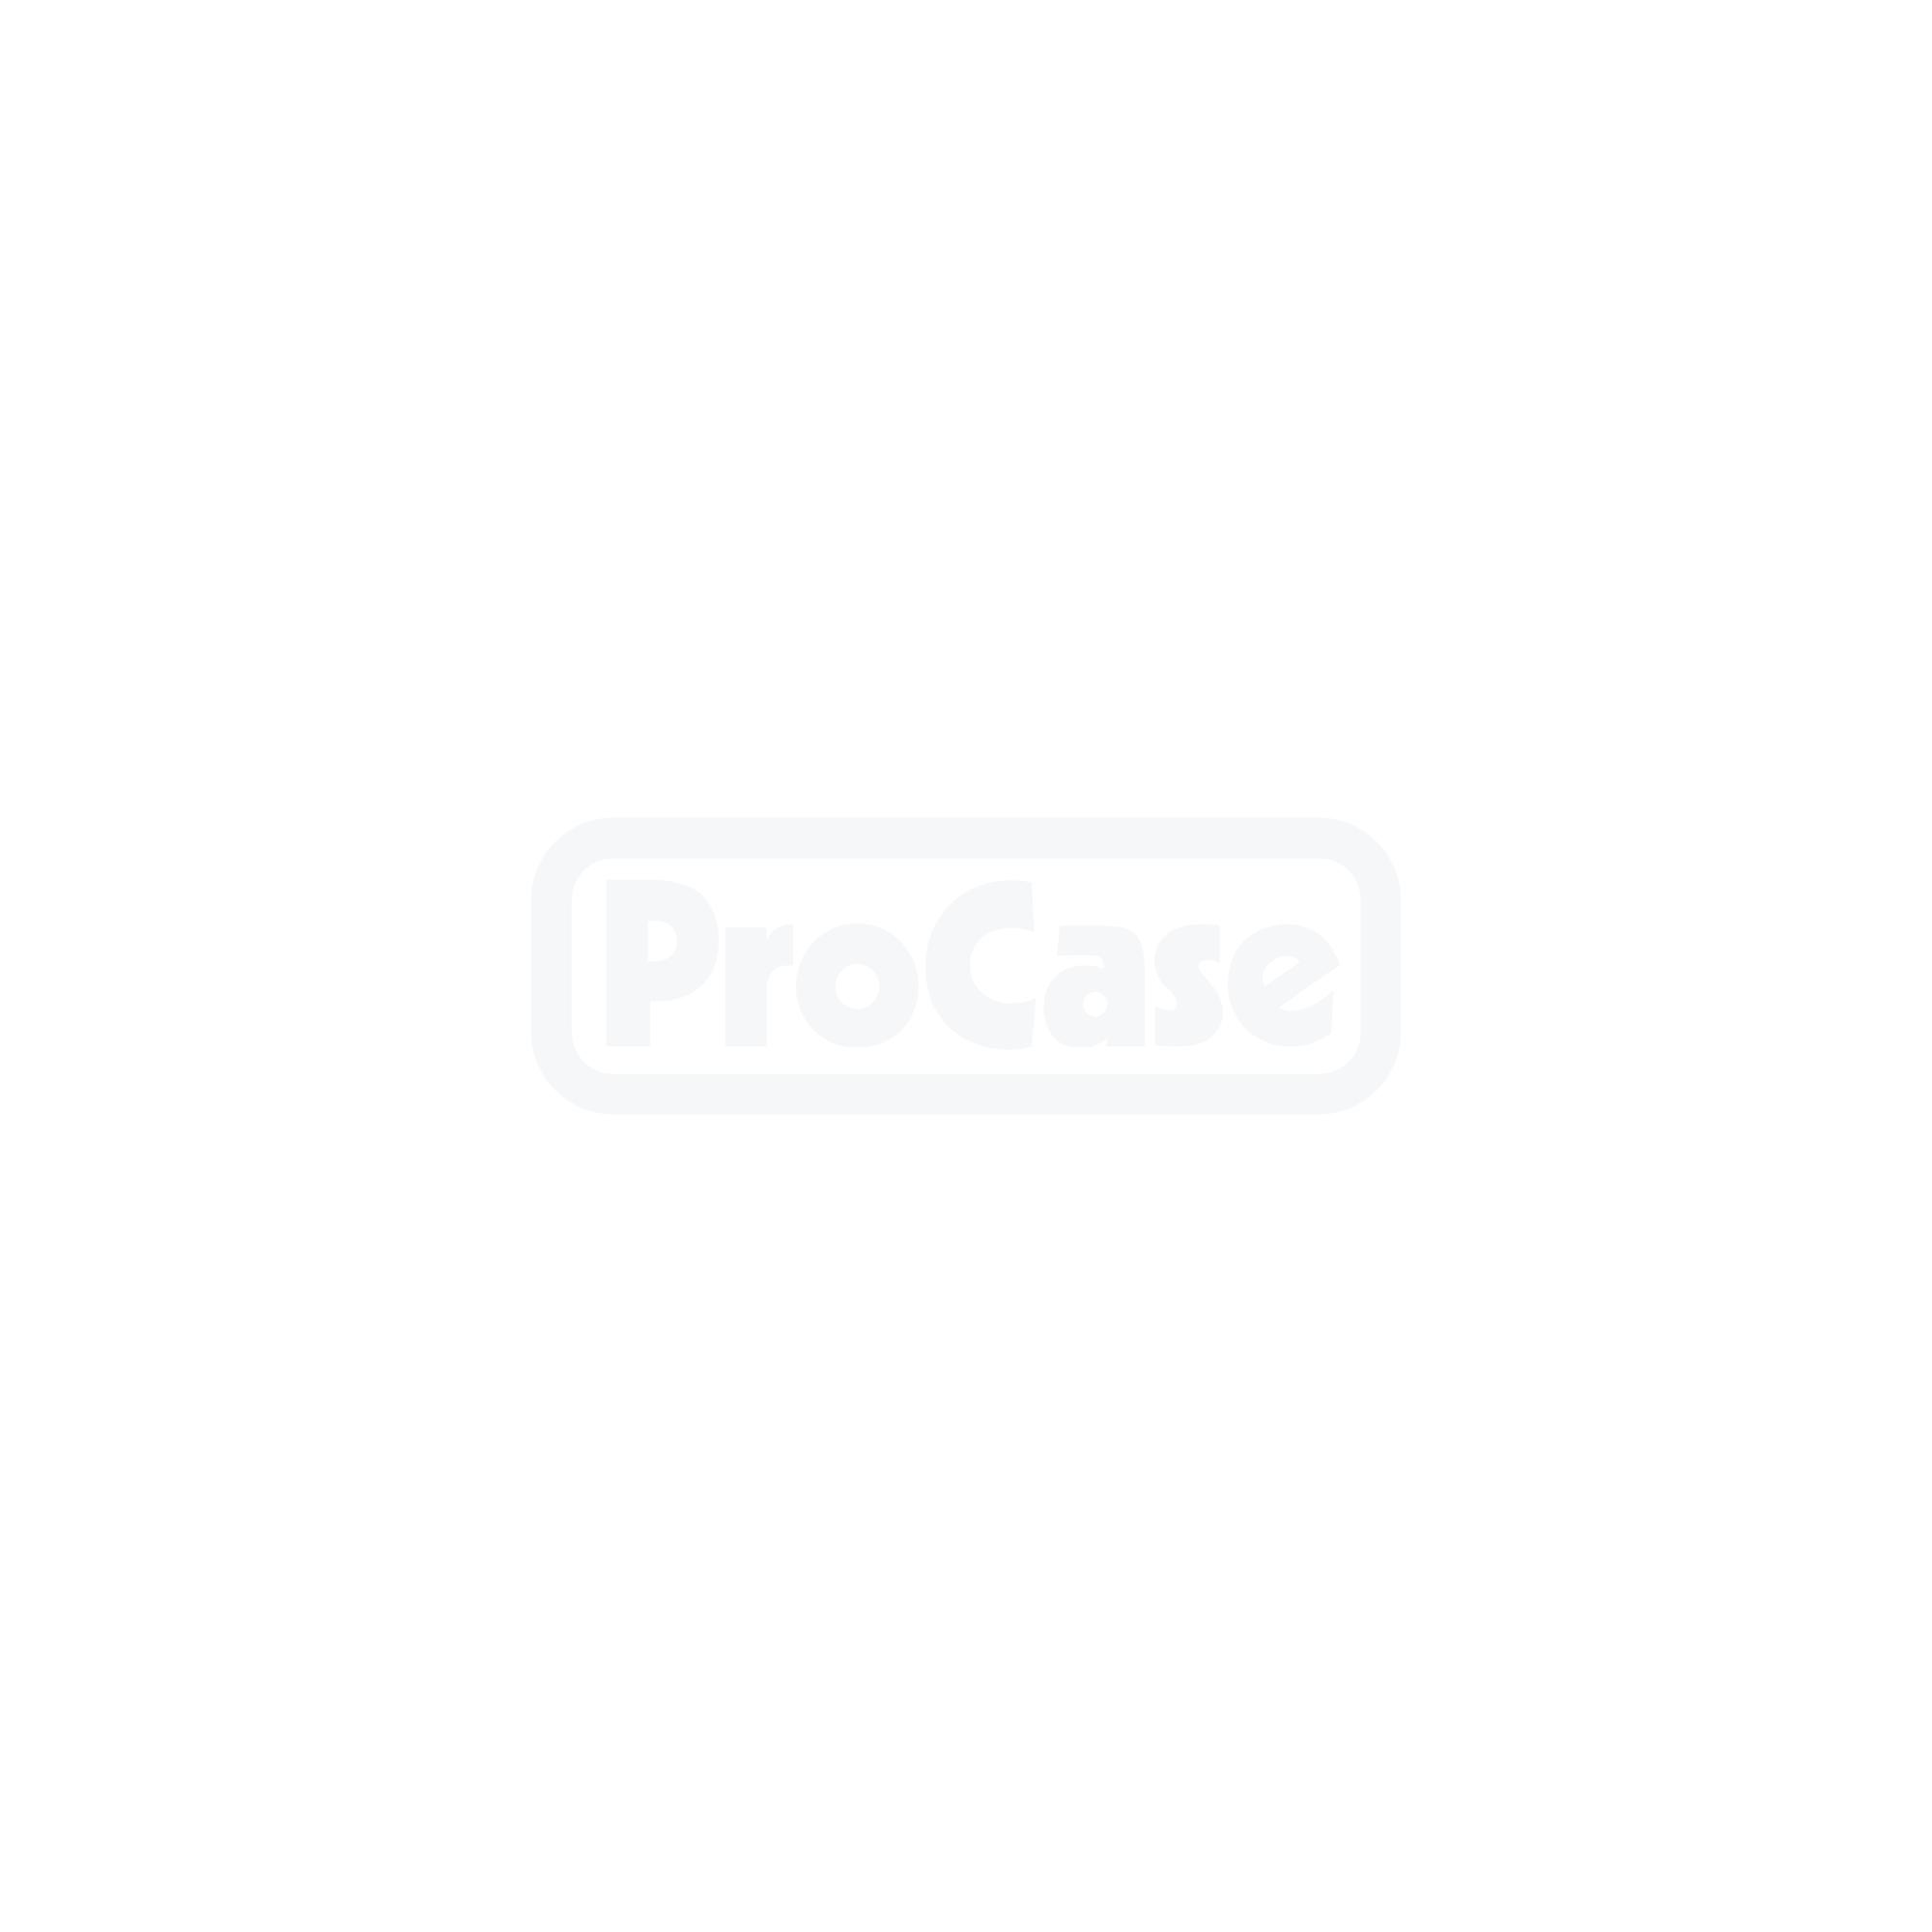 QSD-Rack 6HE 800 mm tief